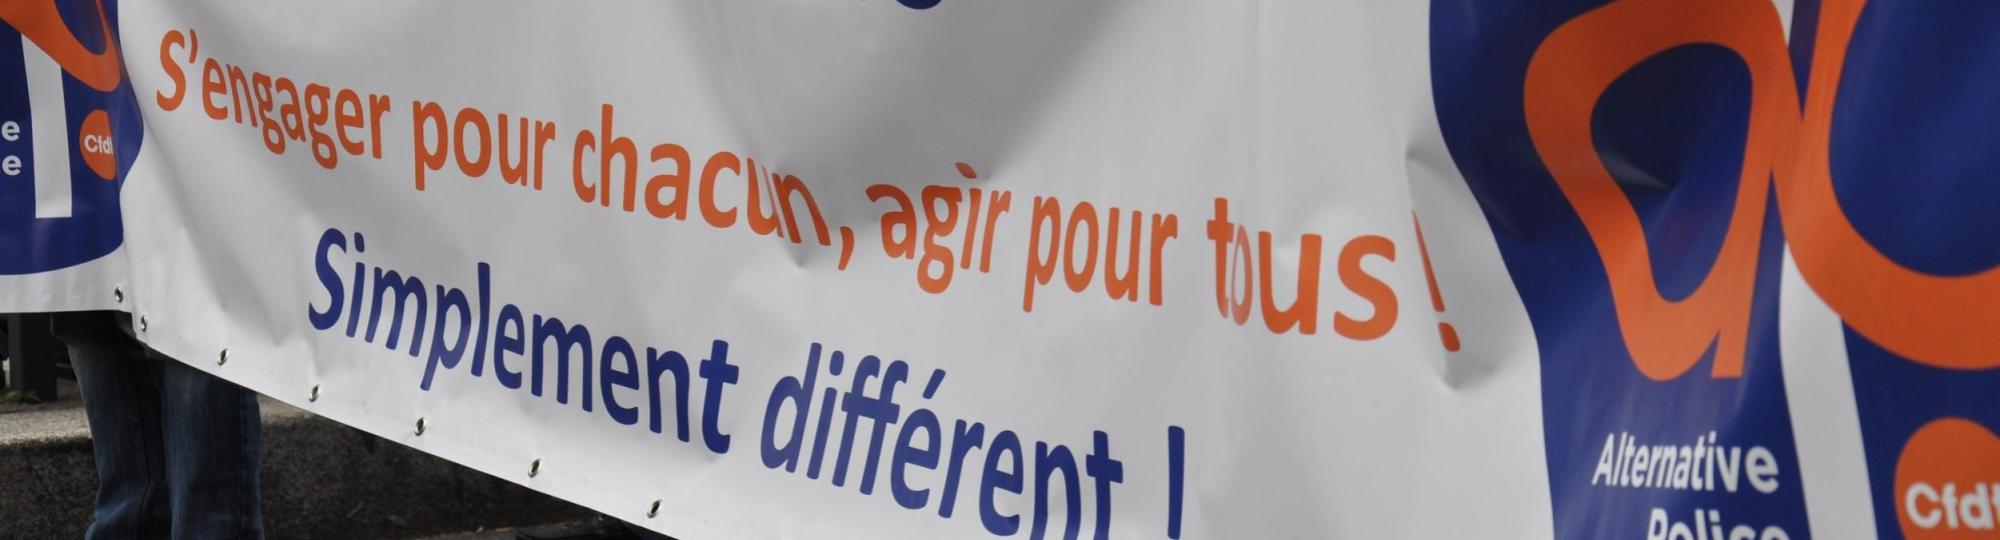 1ère confédération française - 4ème syndicat de la Police